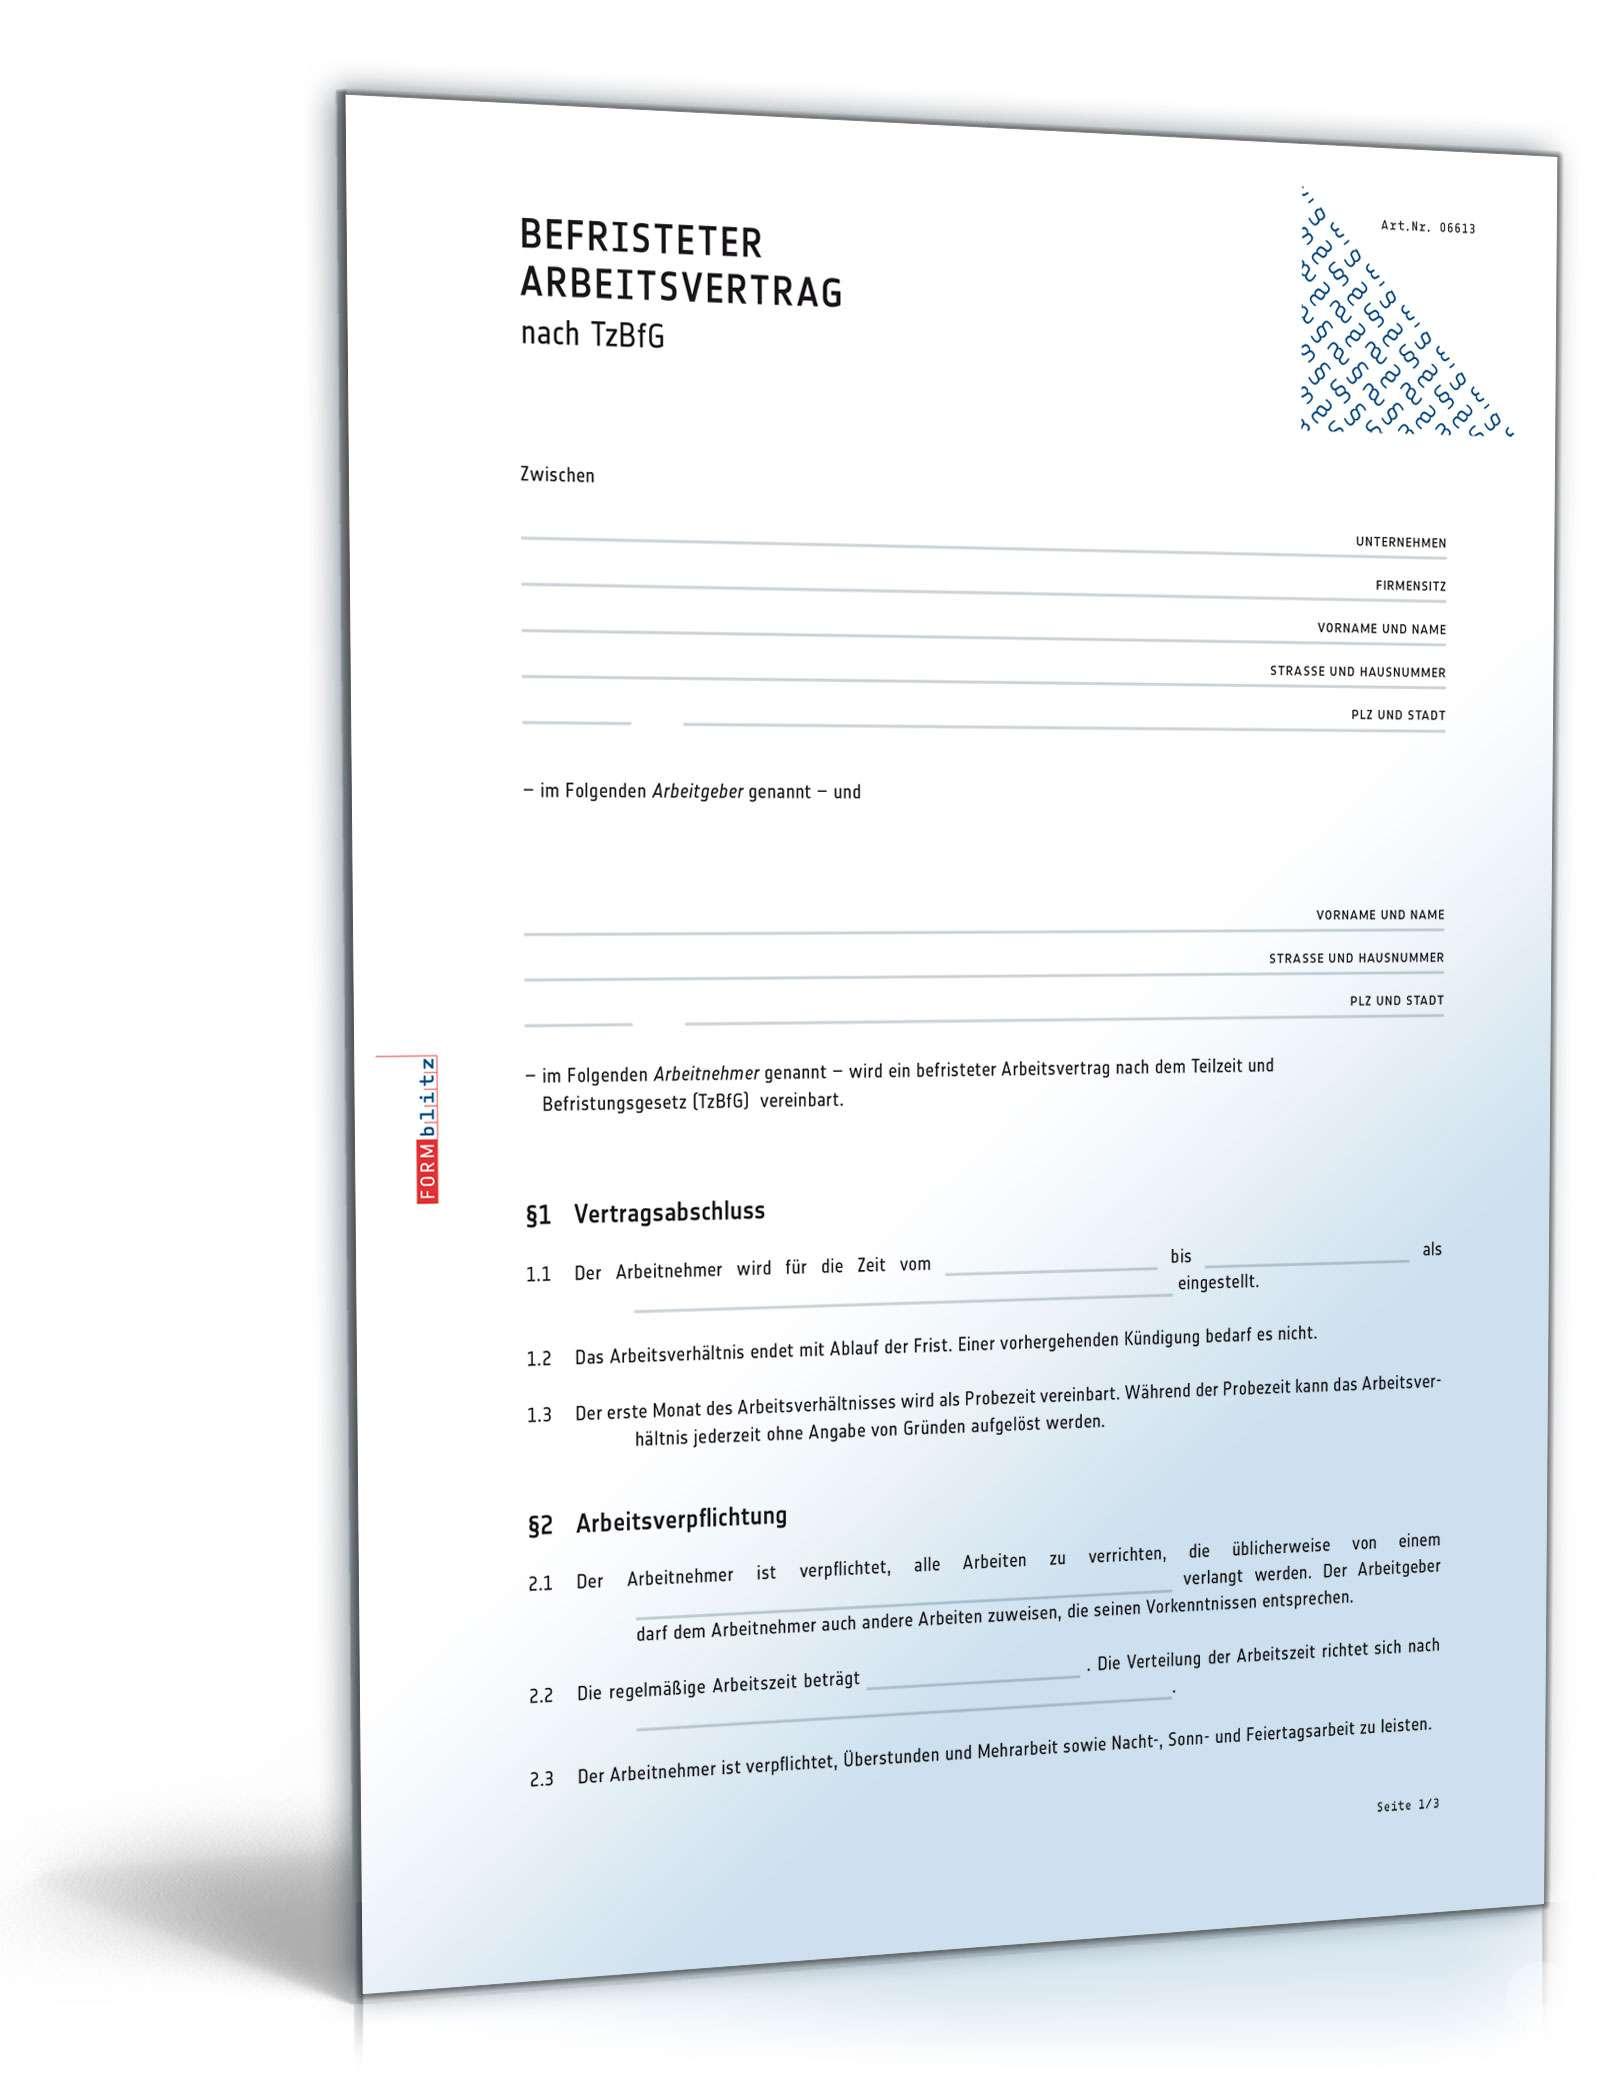 Befristeter Arbeitsvertrag - Muster-Vorlage zum Download